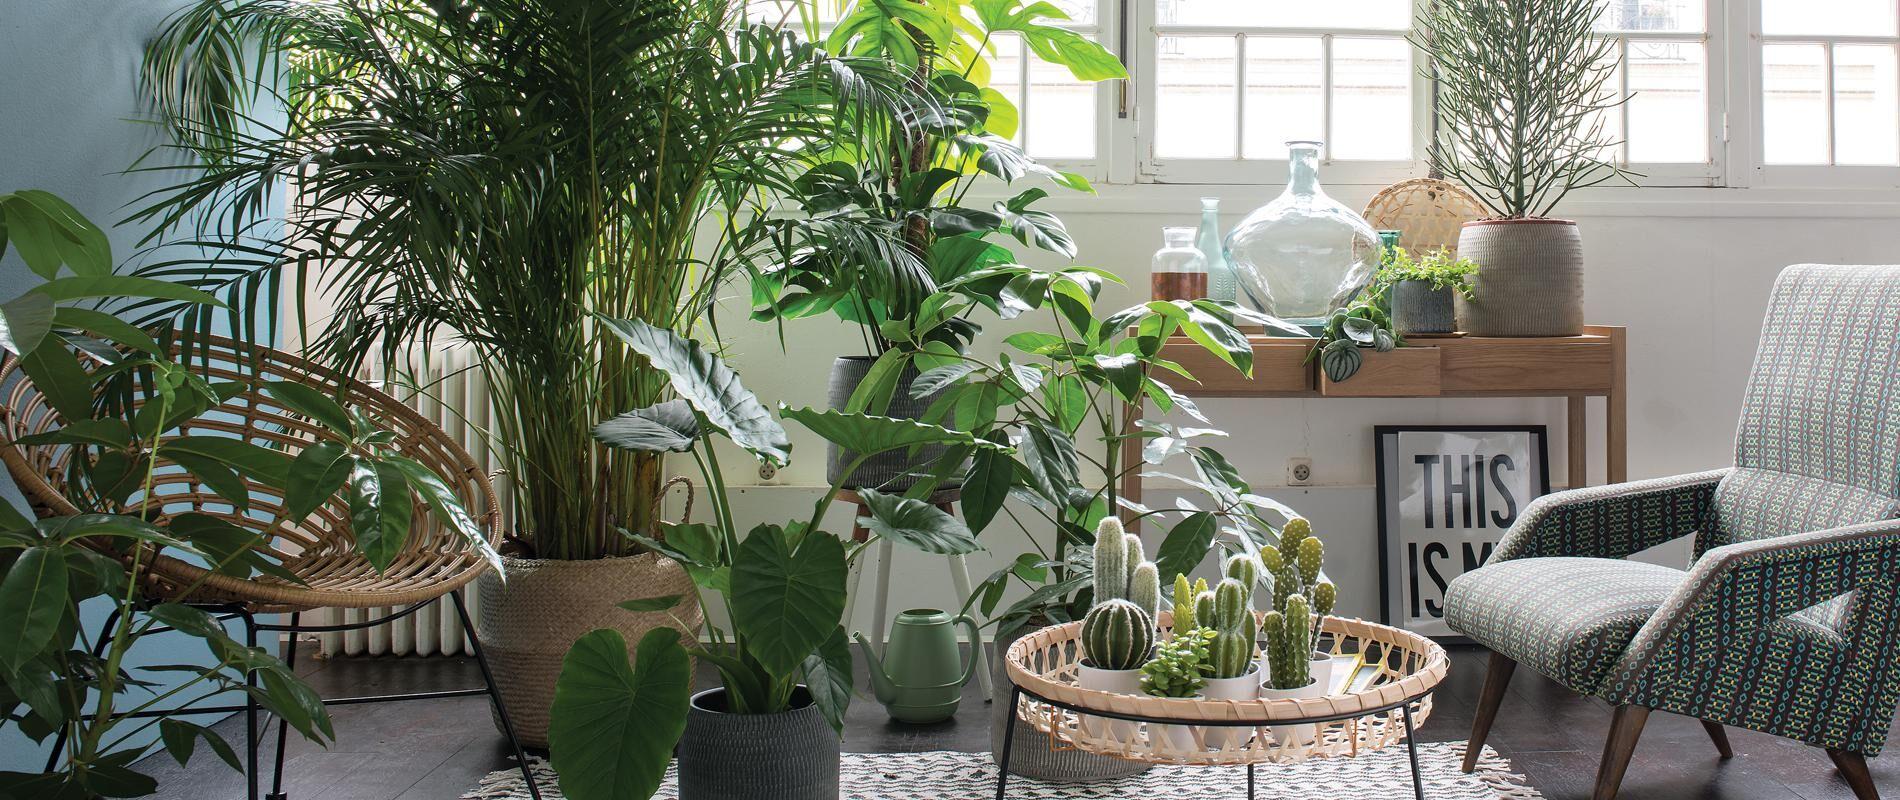 如何让家绿意盎然? 绿植养护技巧